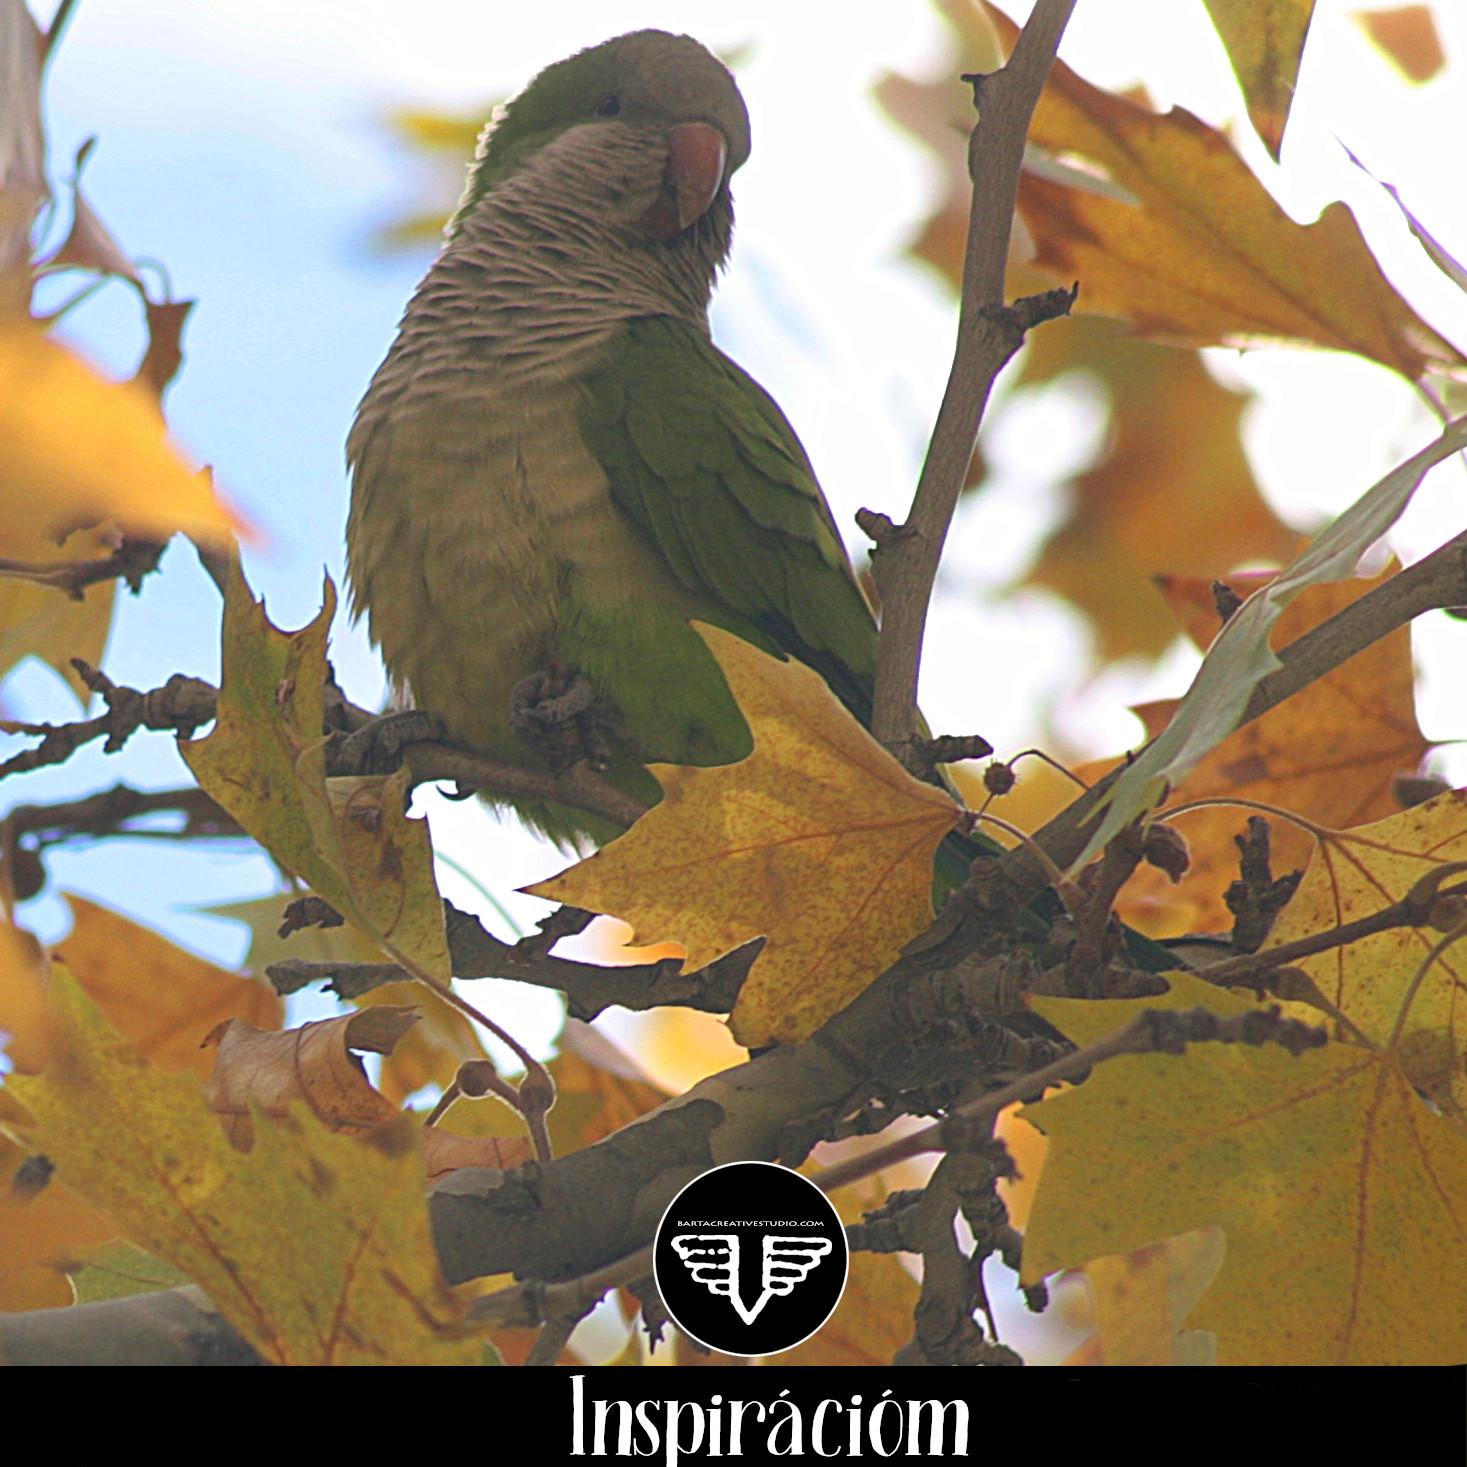 Ez a madár is Madridban került lencsevégre, mint az előző, amikor decemberben ott voltunk társasággal. Sokan szálltak le és repültek fel a képen látható fáról.